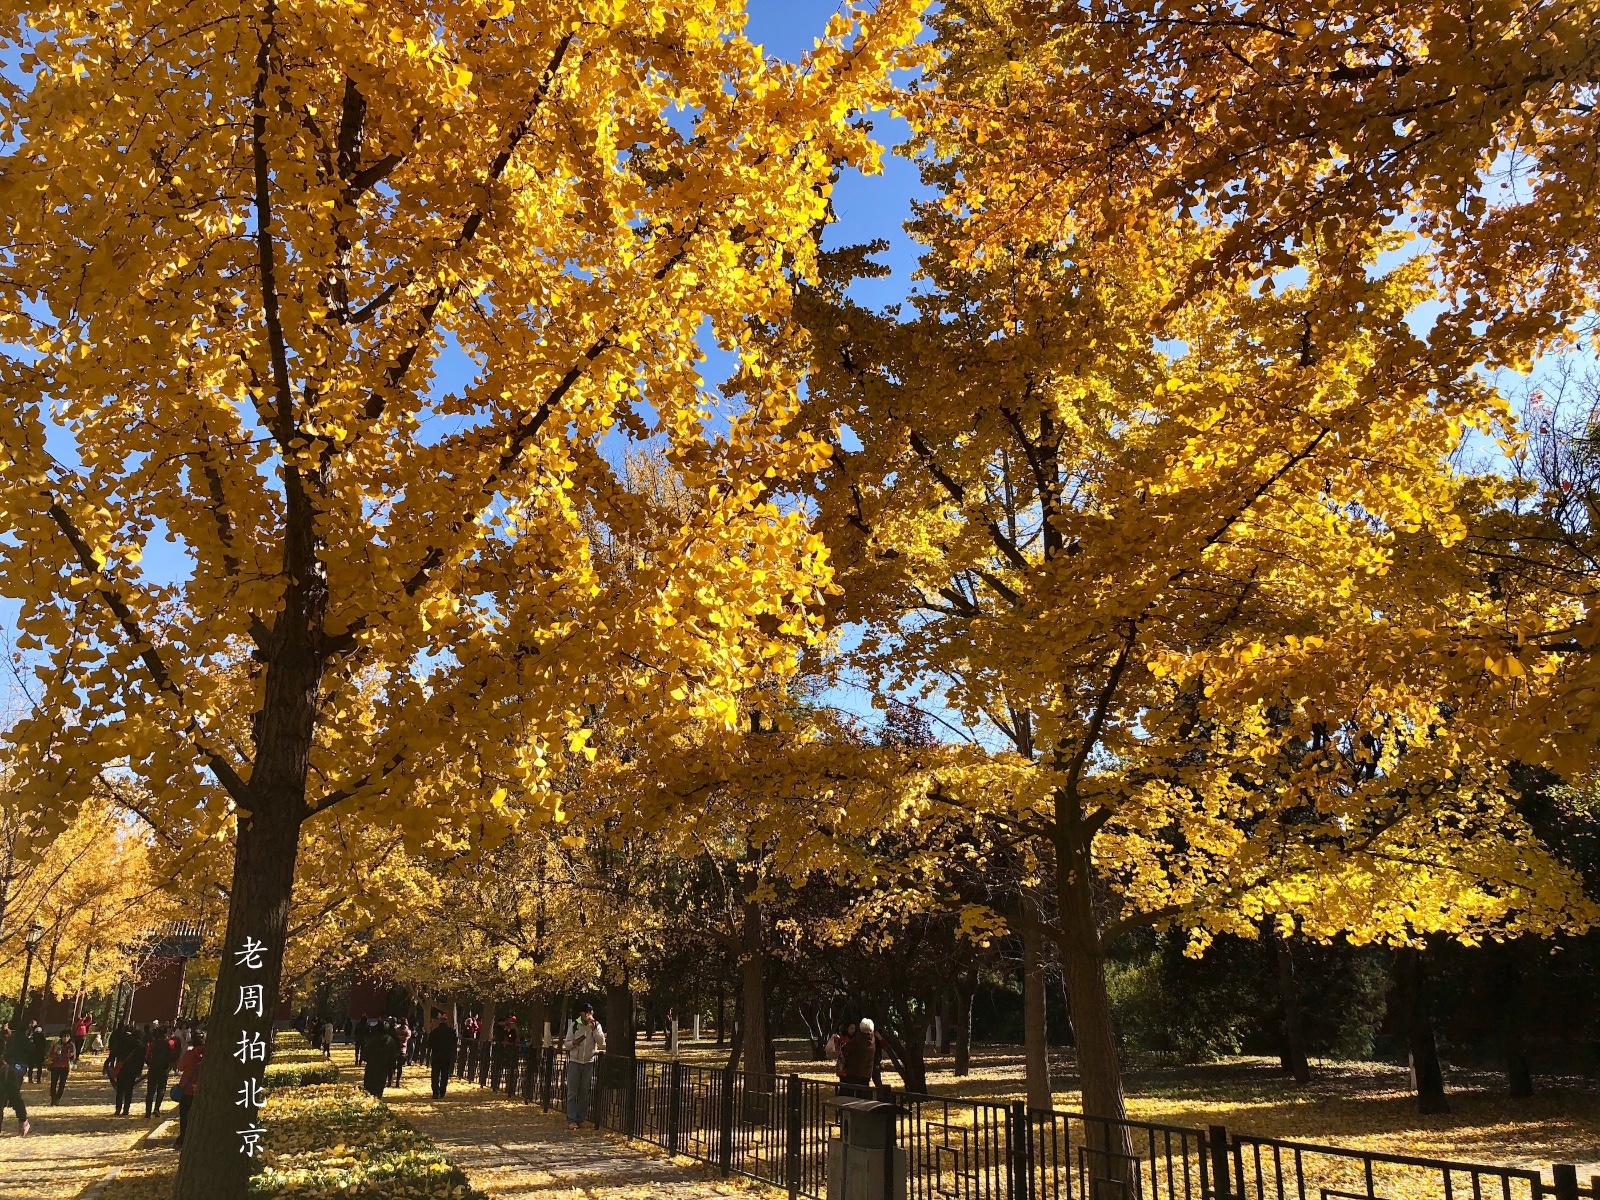 地坛公园银杏树_金黄色彩叶欣赏:蓝天下的银杏树,北京地坛公园05